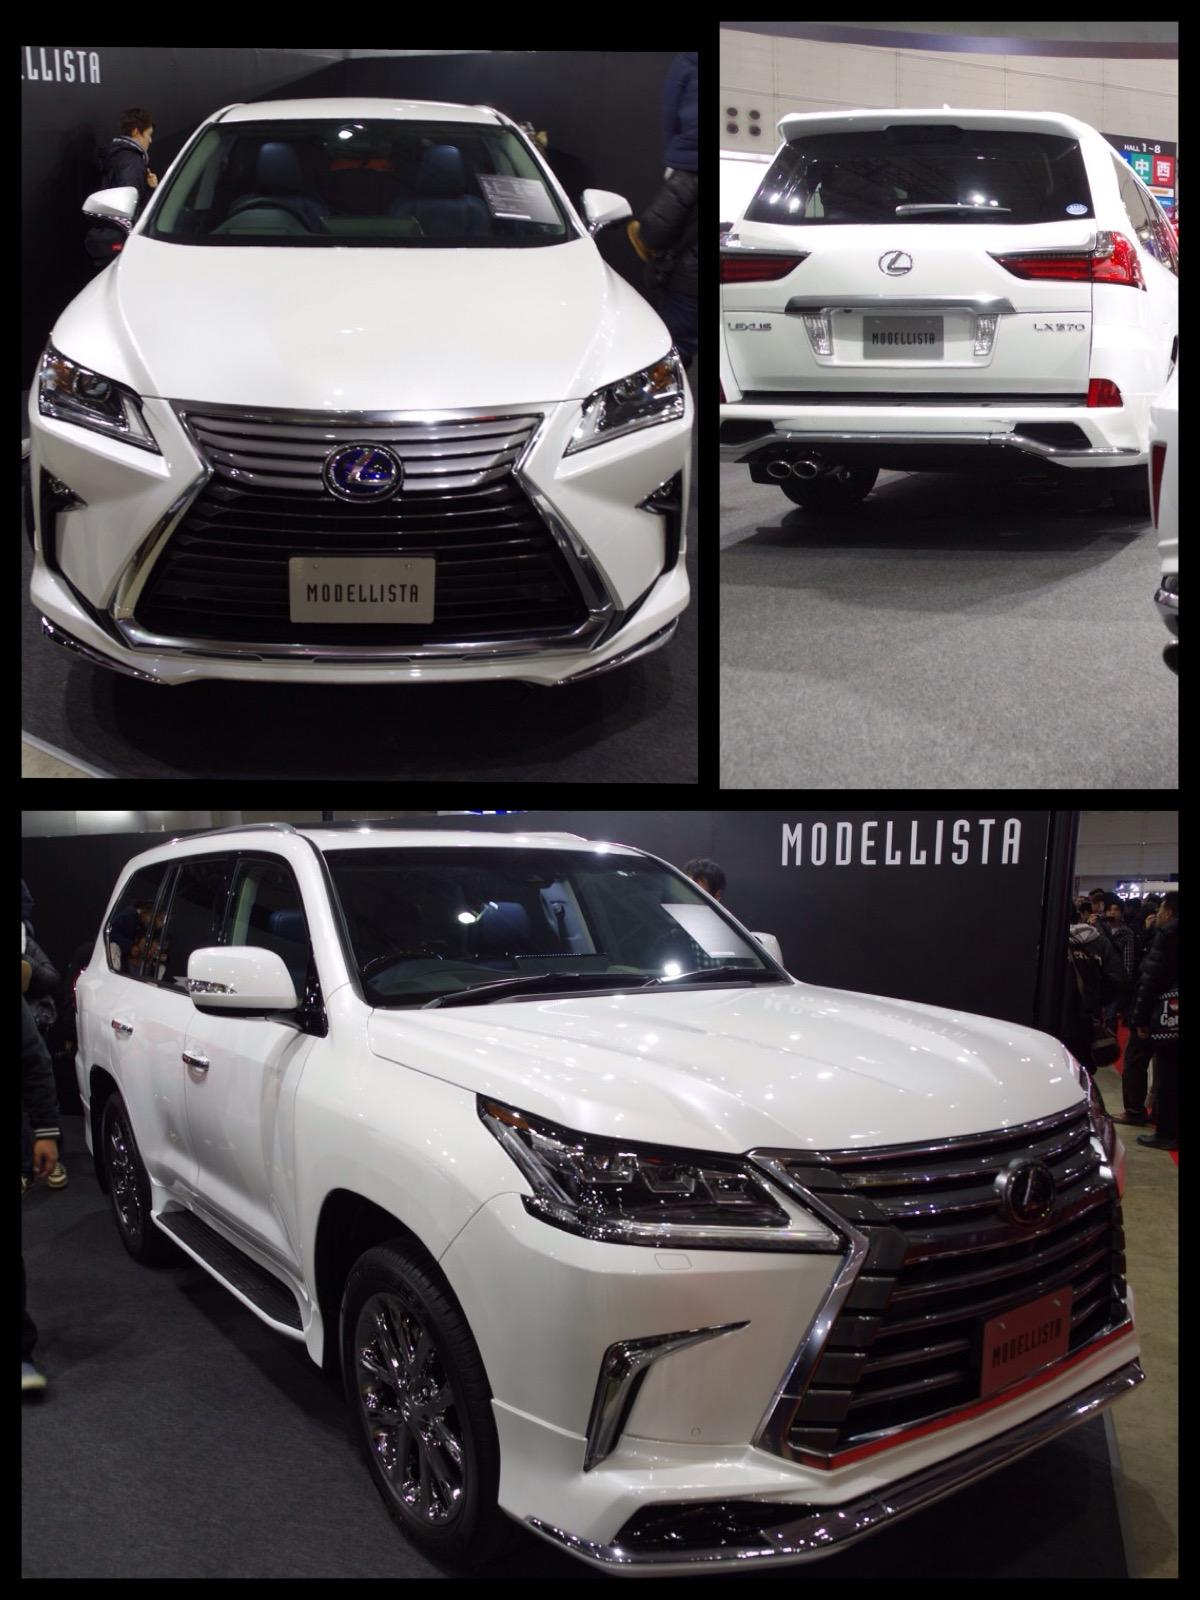 レクサス LX モデリスタ 東京オートサロン2016